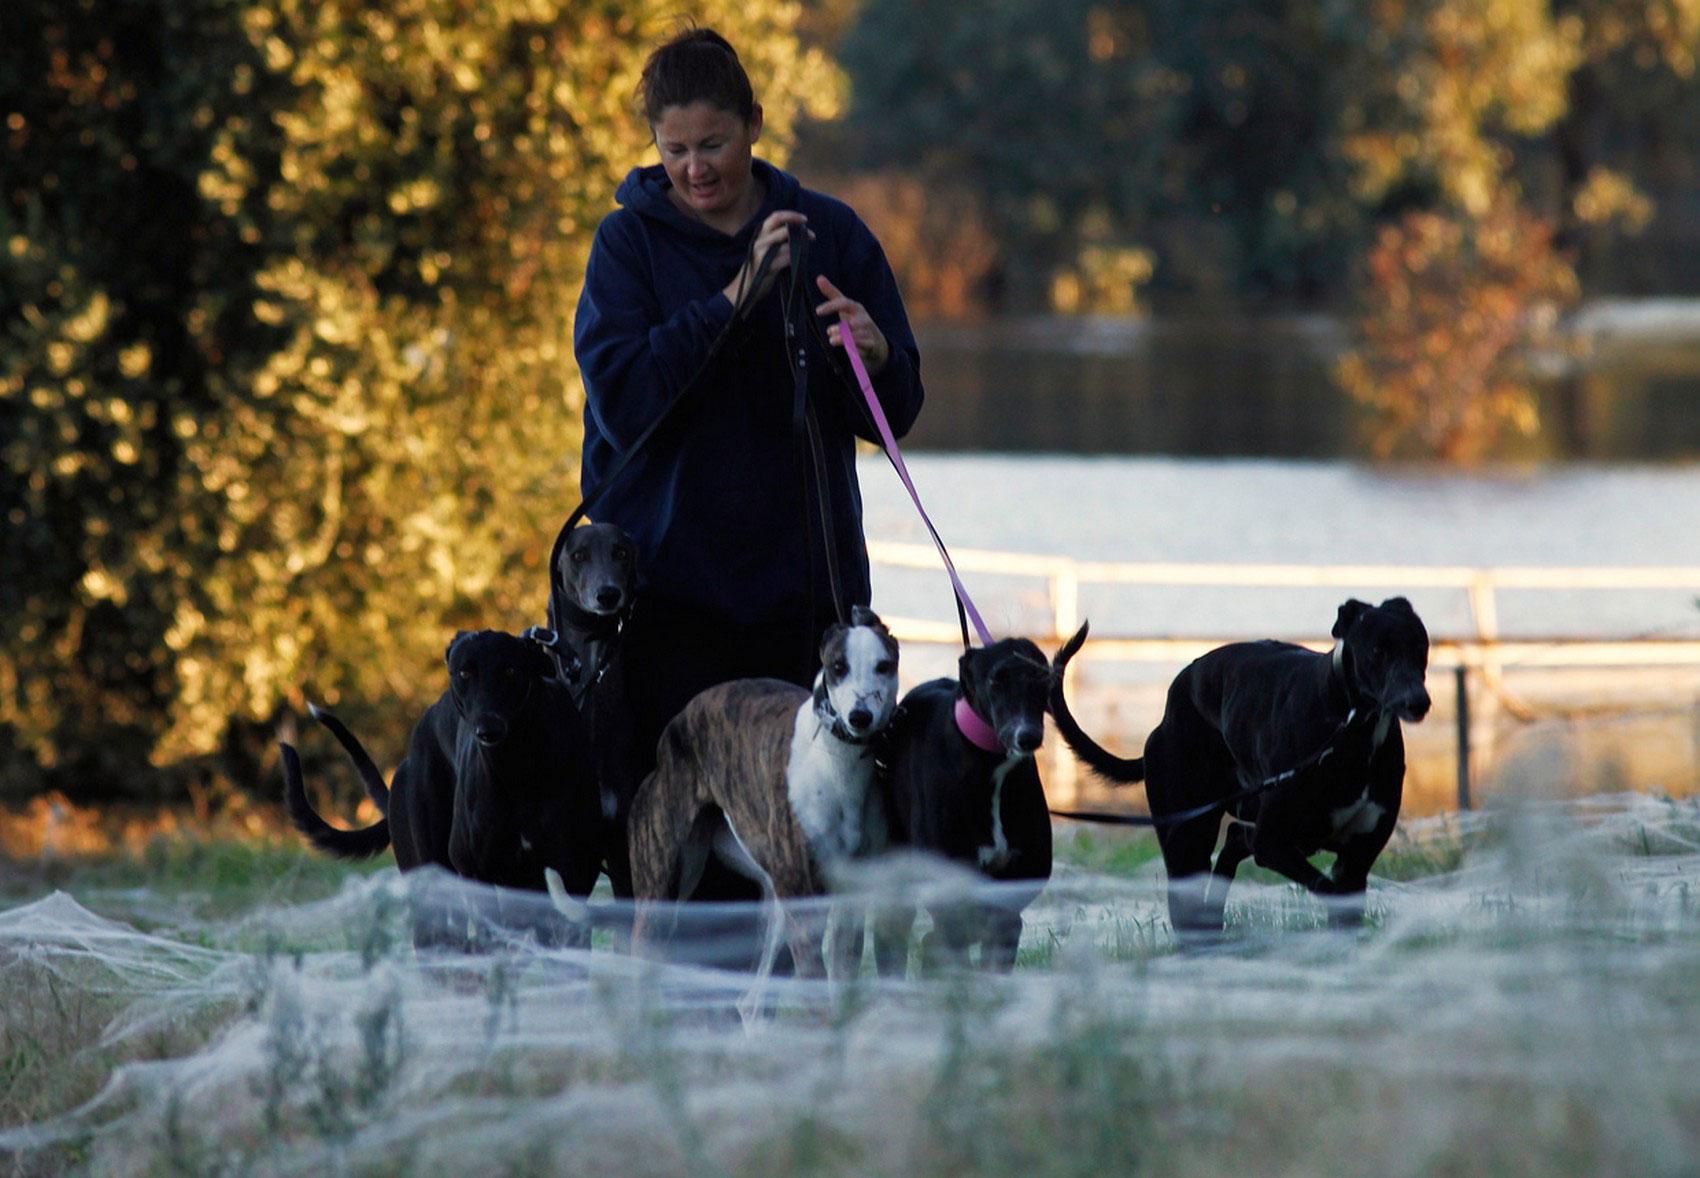 женщина с собаками пробирается через паутину, фото